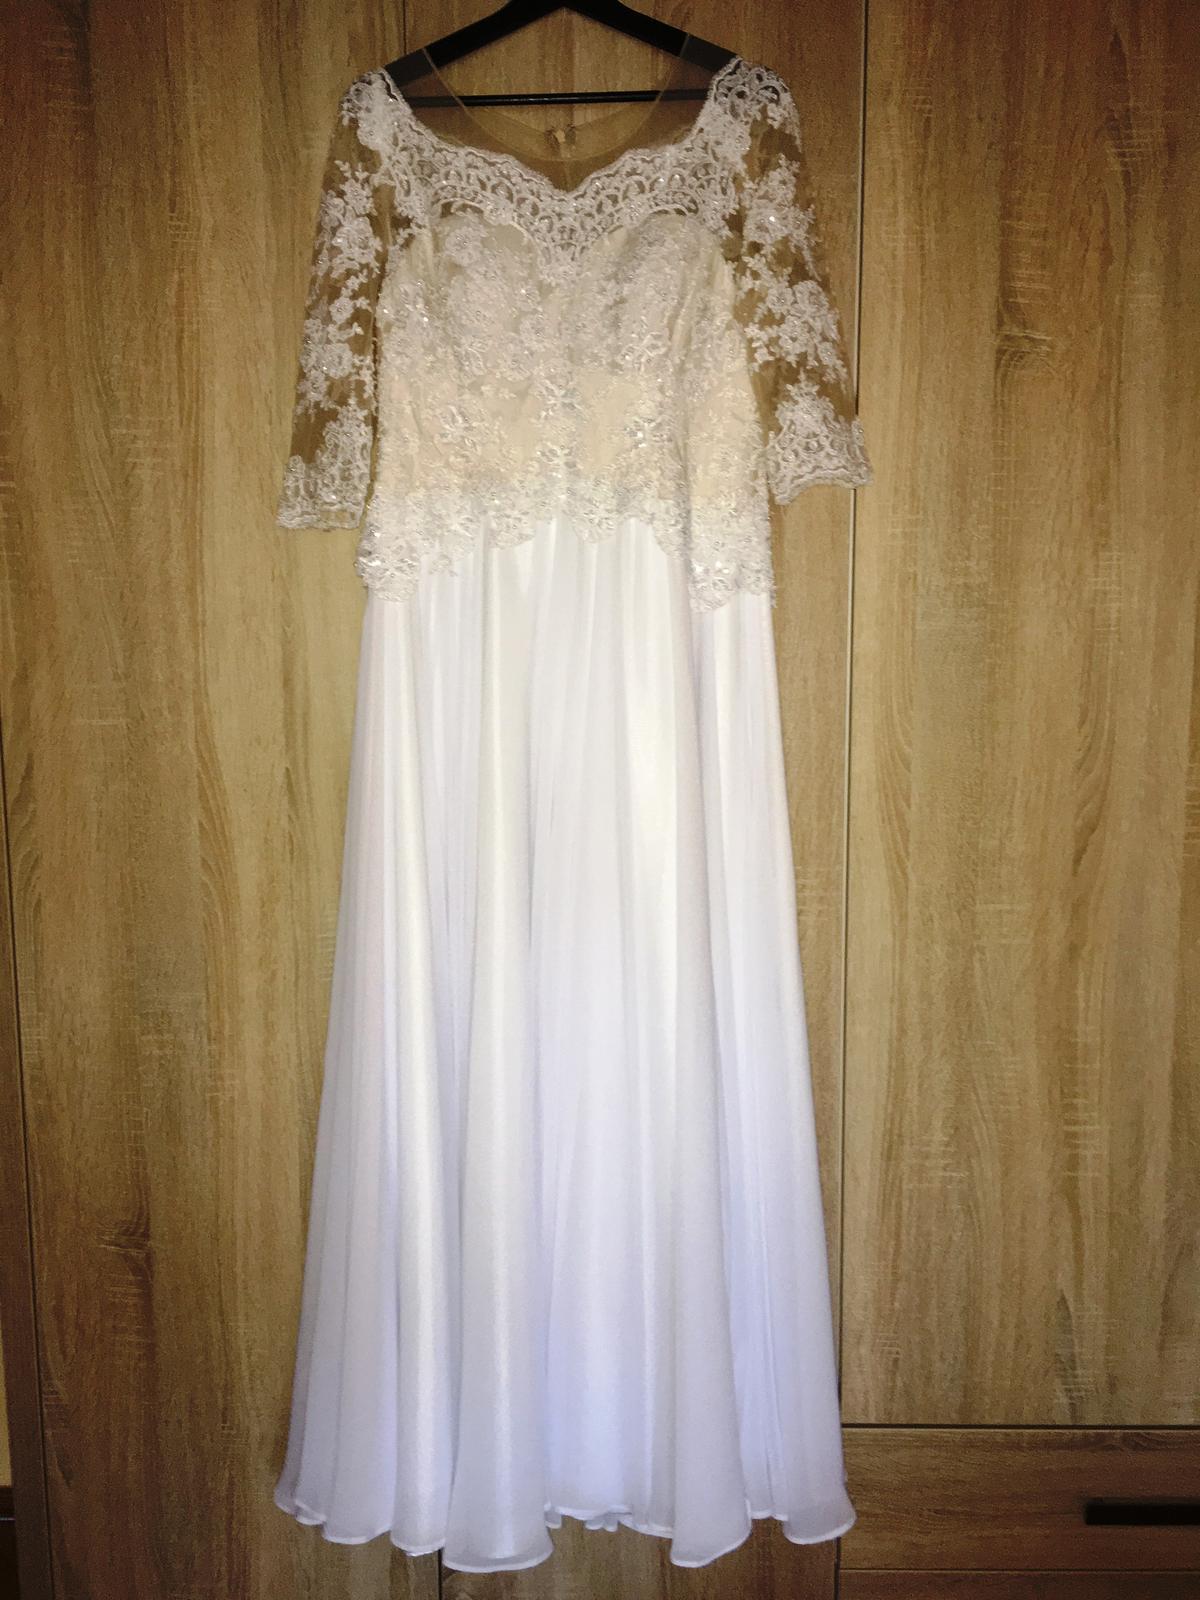 Svadobné šaty 42 - Obrázok č. 1